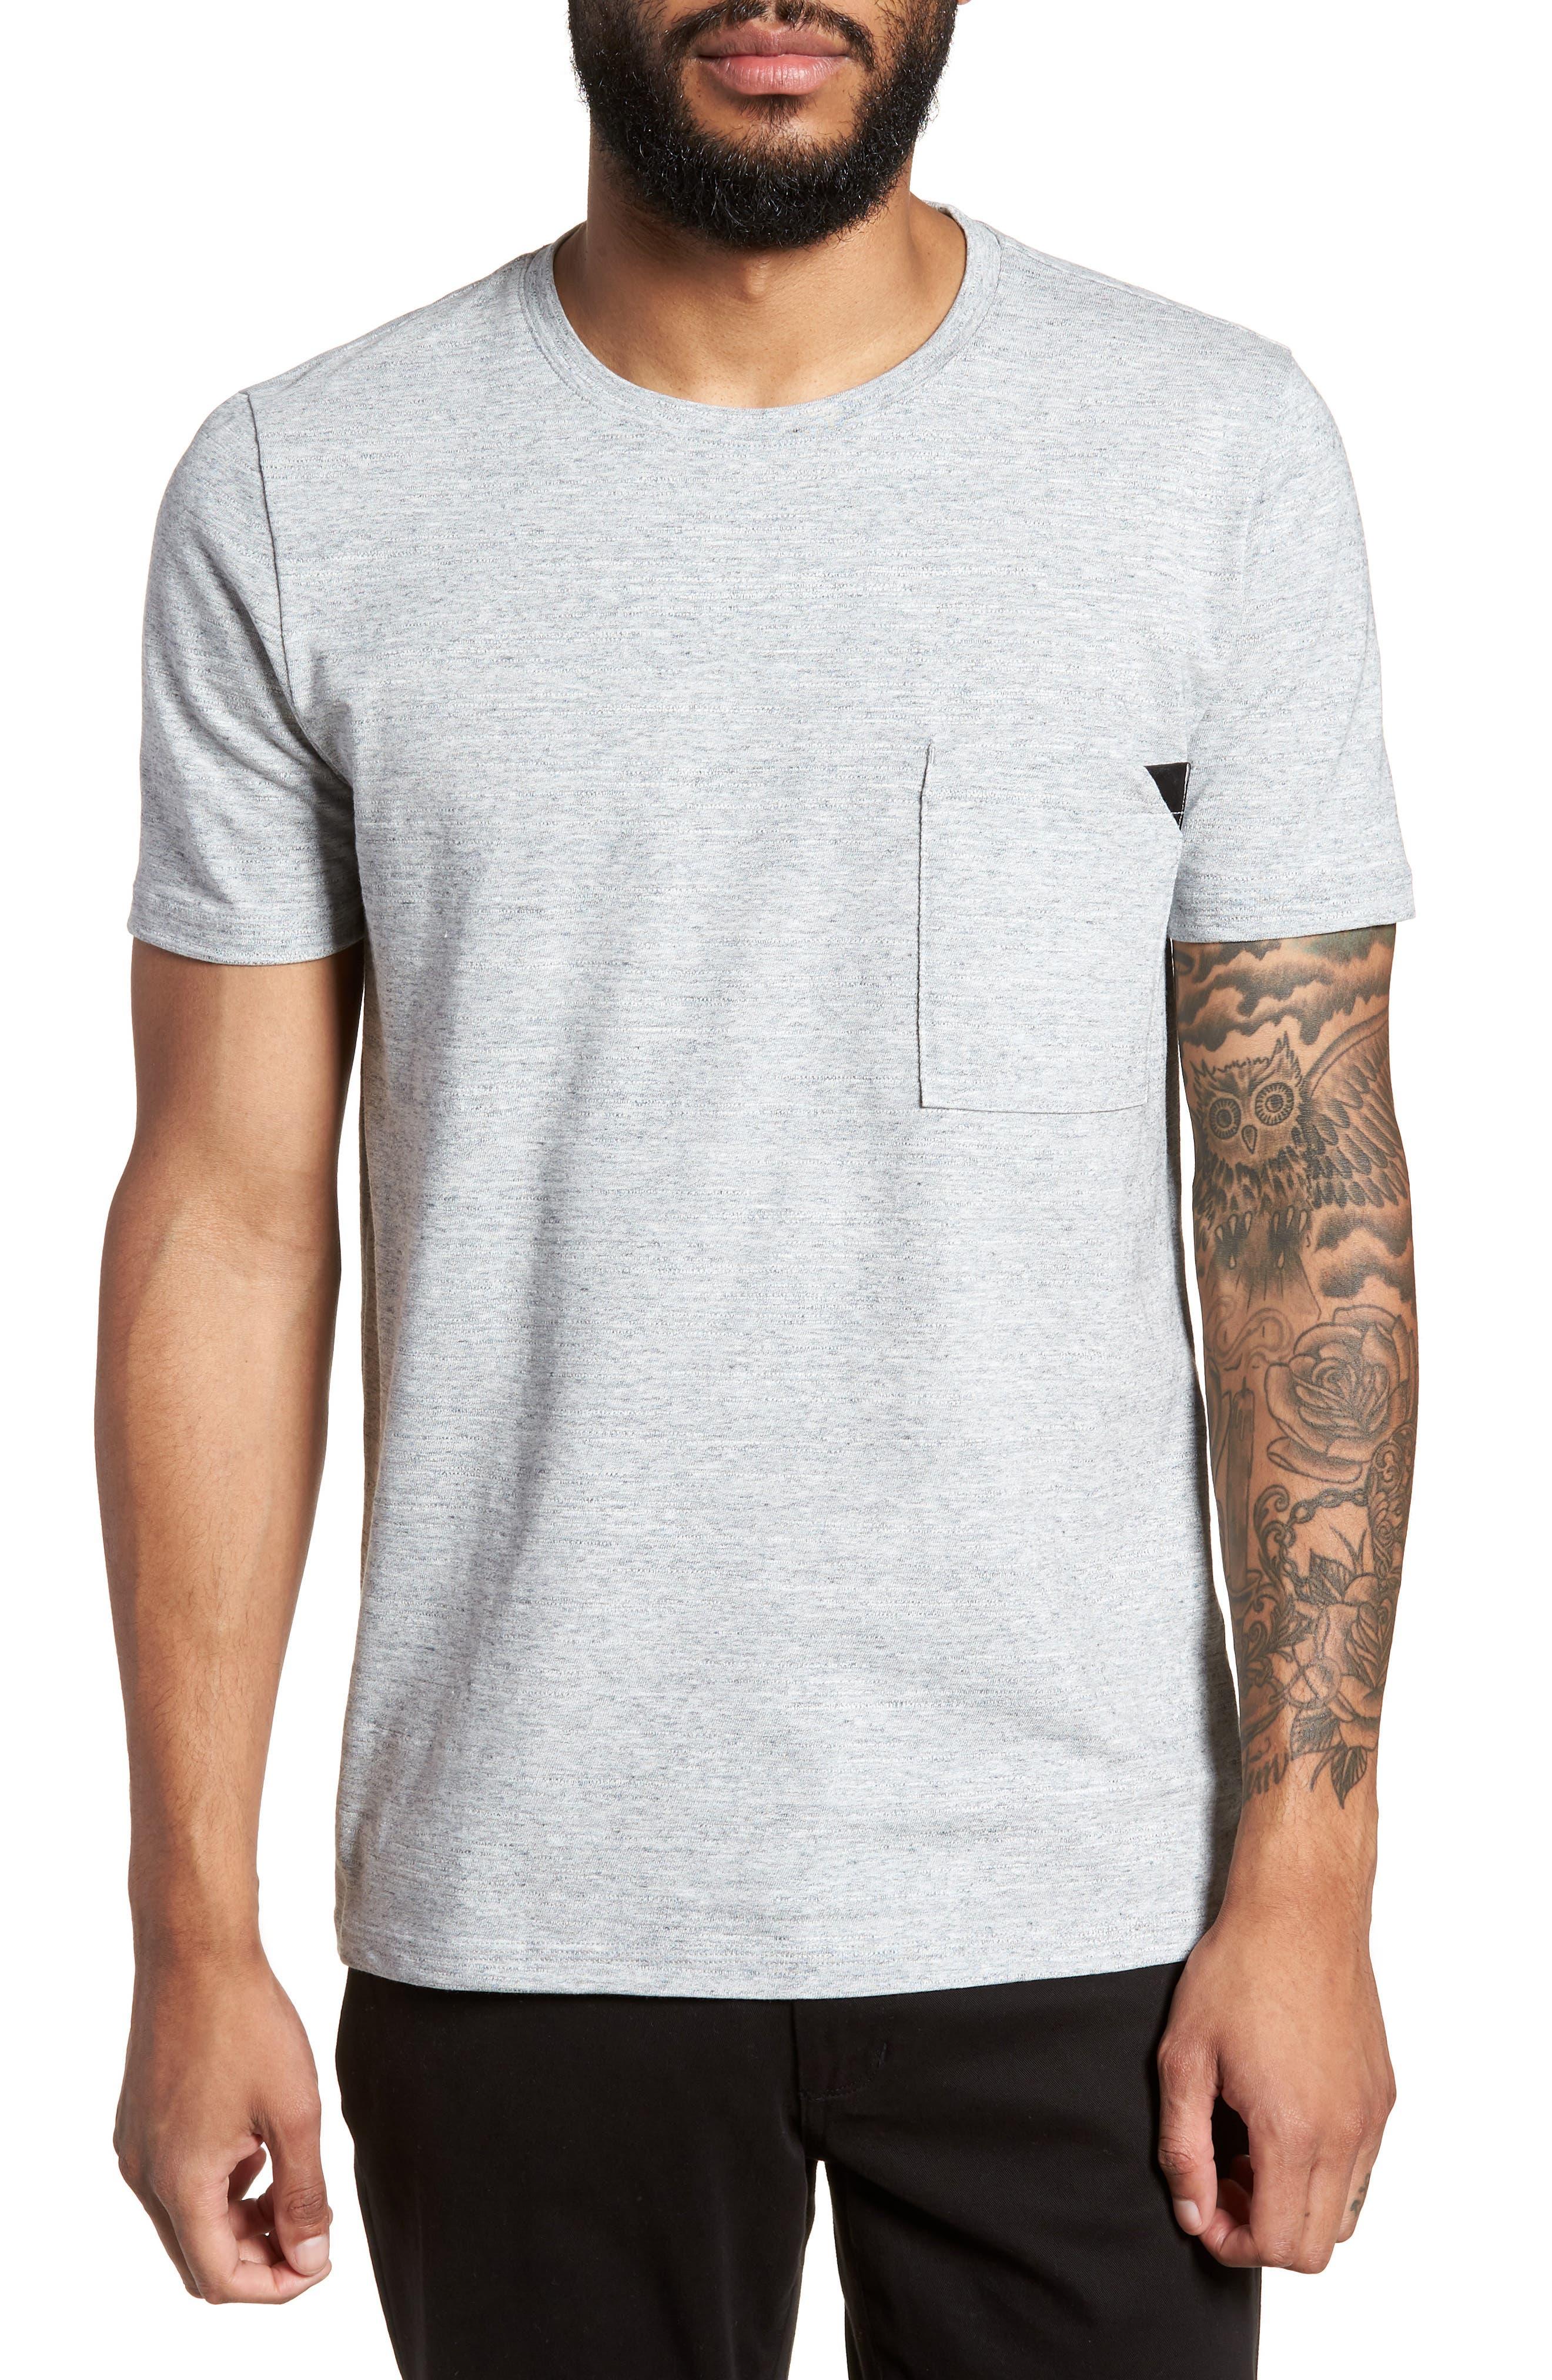 Dohnny Crewneck T-Shirt,                             Main thumbnail 1, color,                             Grey